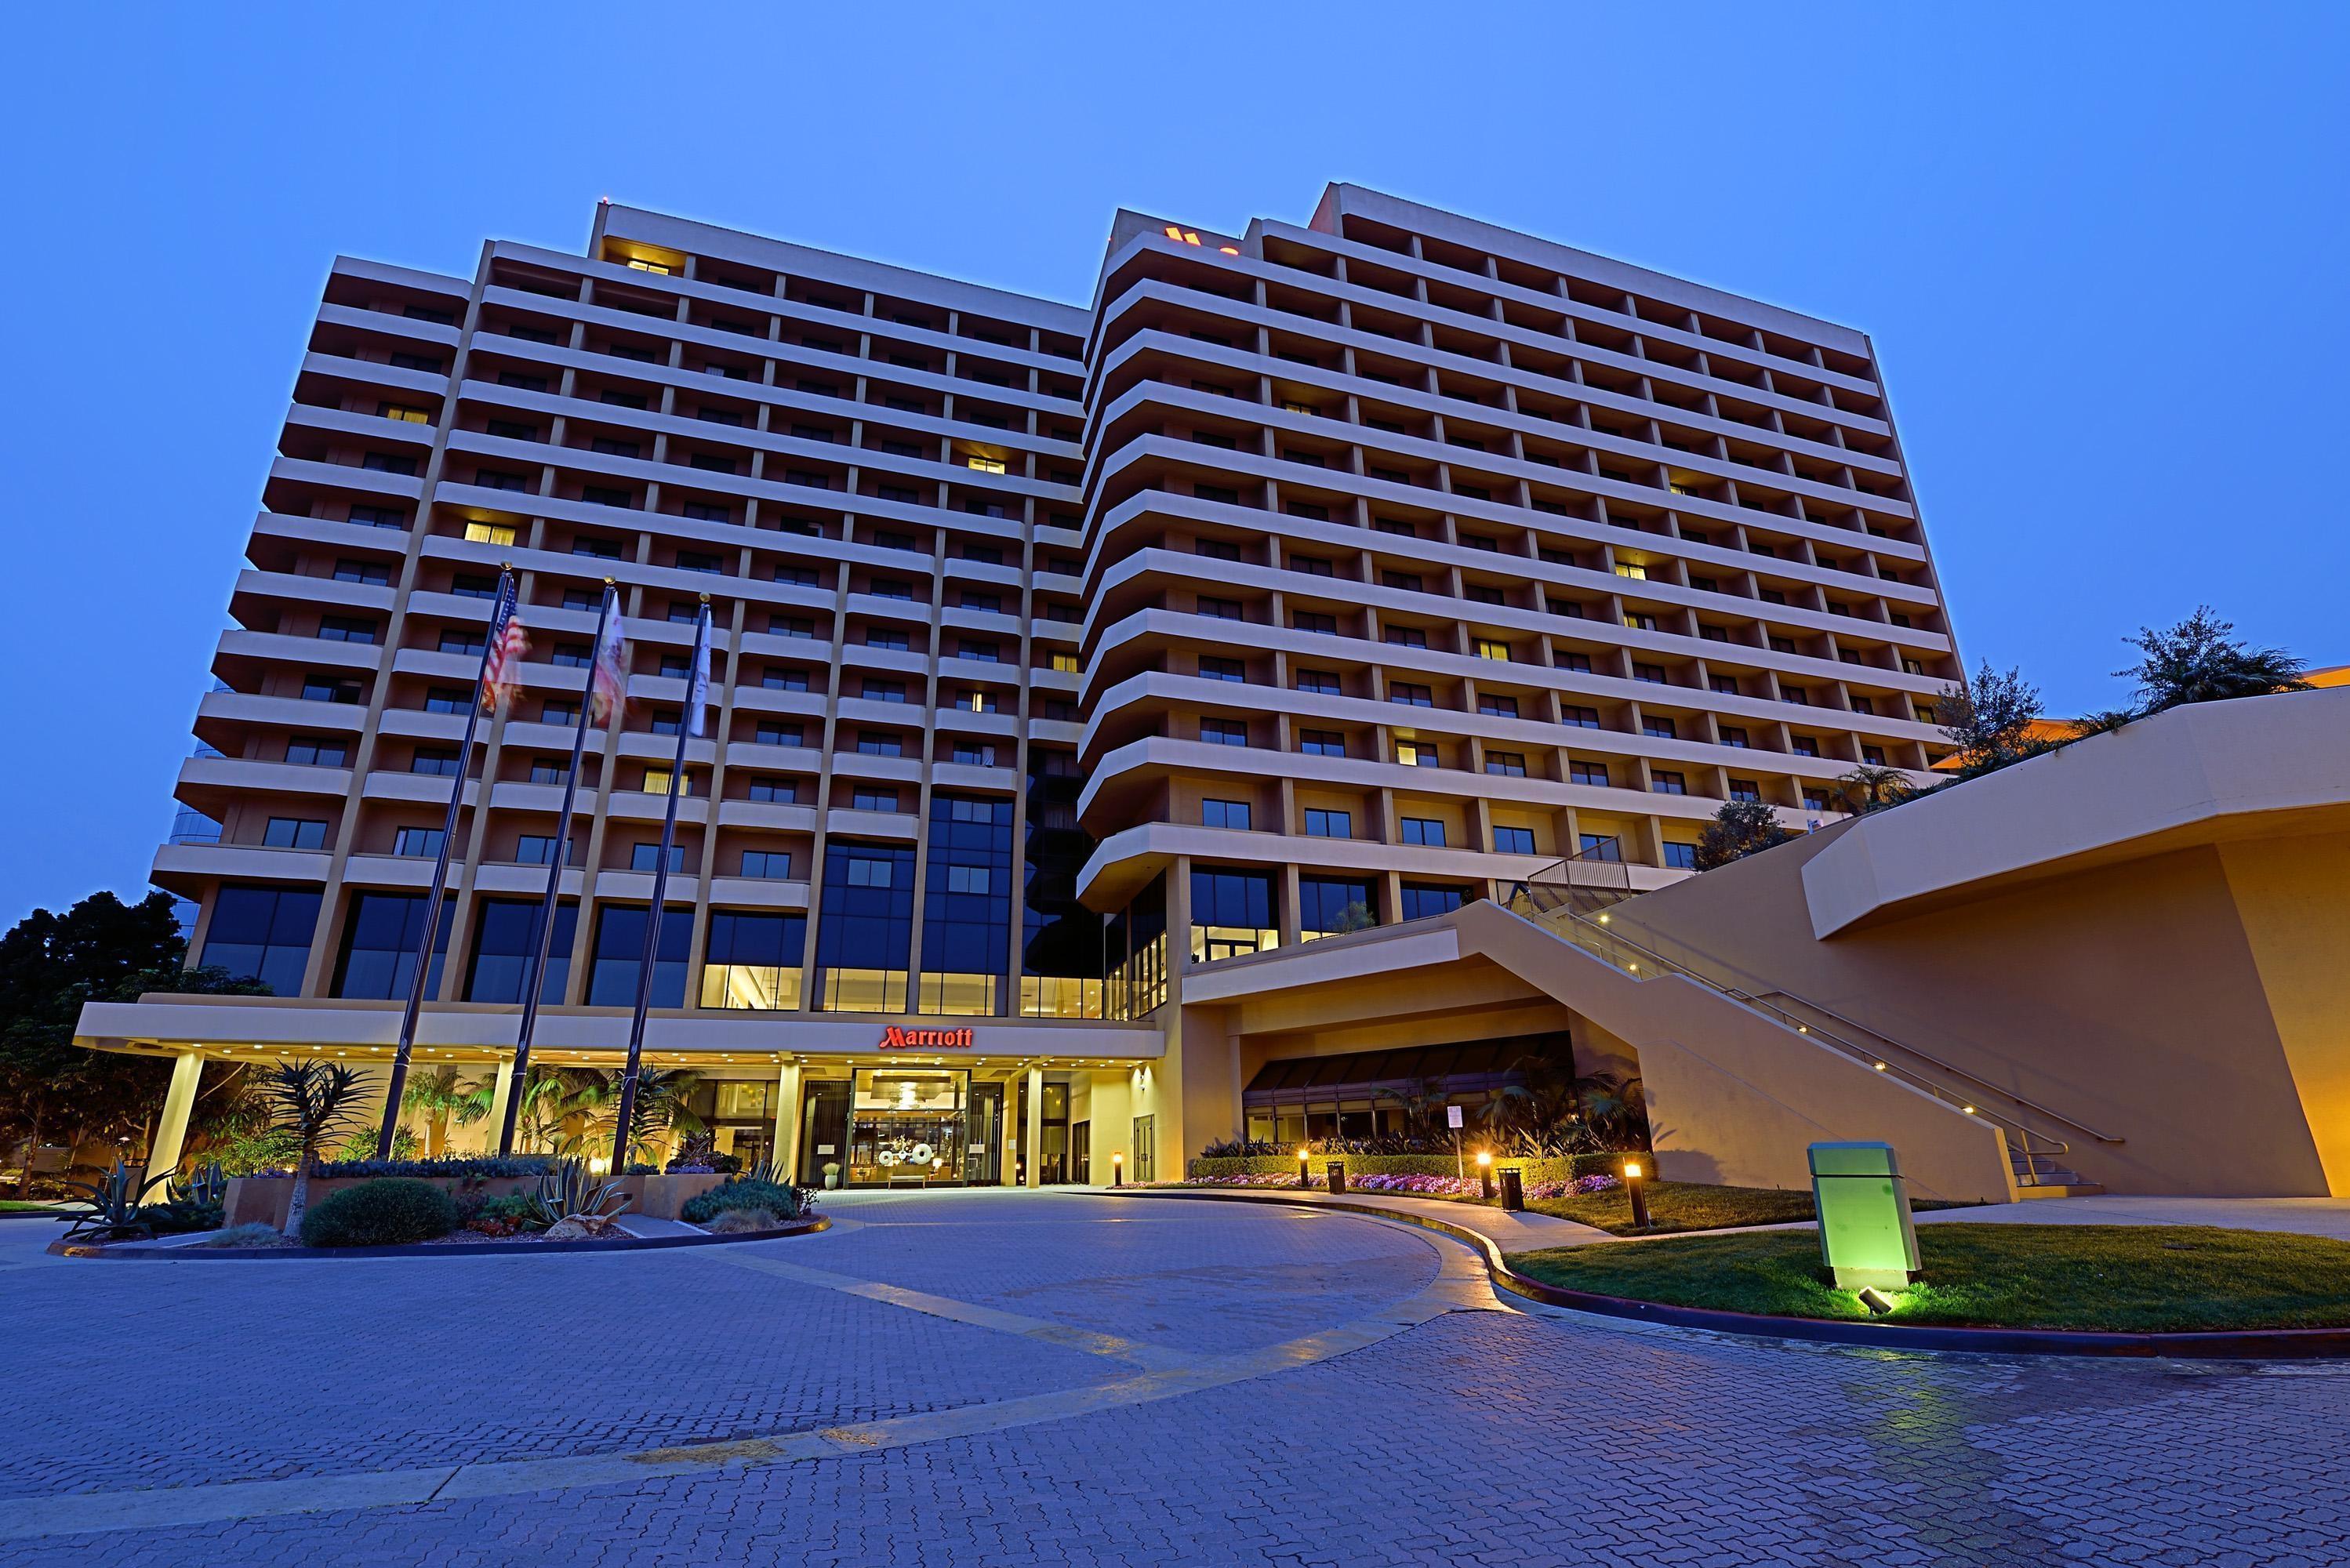 Avis Rental Car San Diego Embassy Suites